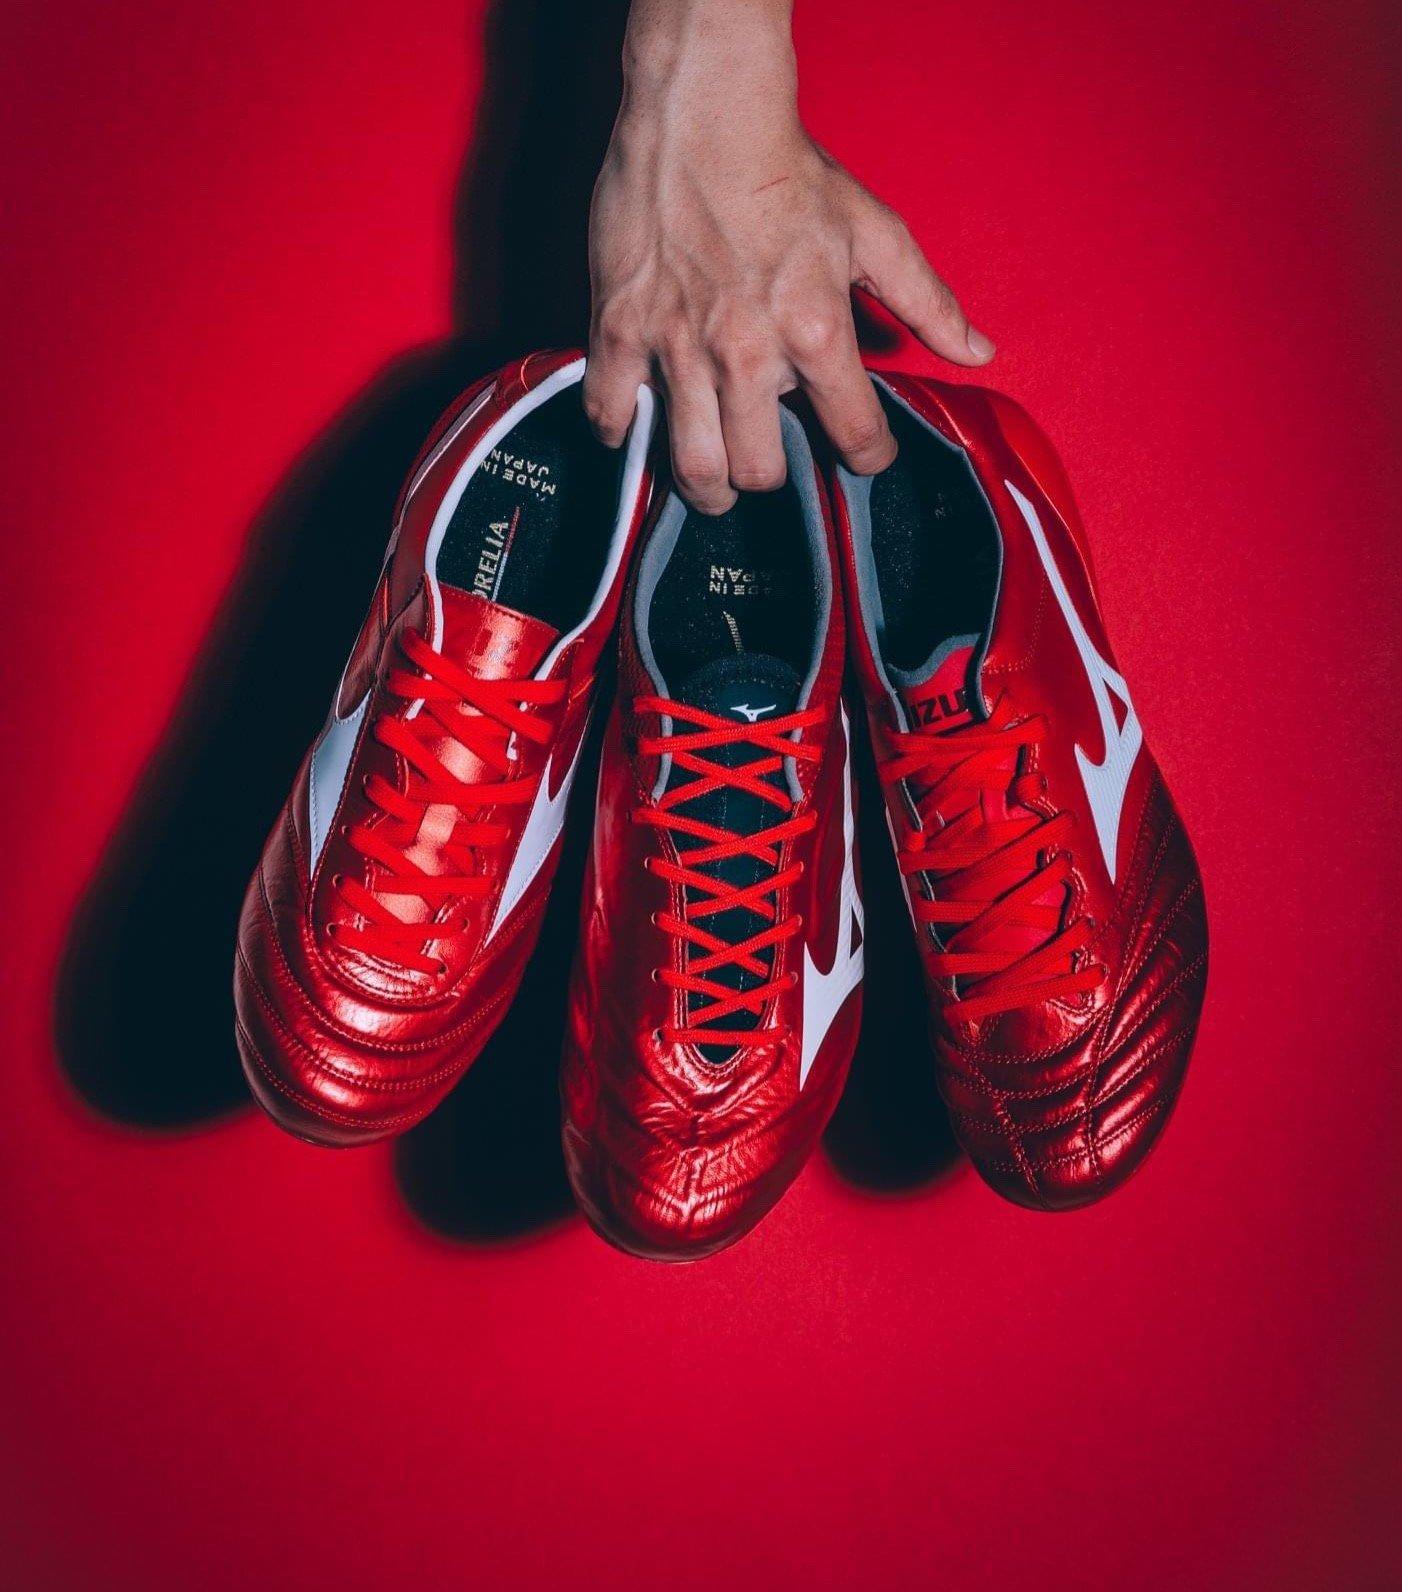 Giày đá bóng Mizuno Morelia đặc trưng hướng đến sự chắc chắn, bền bỉ